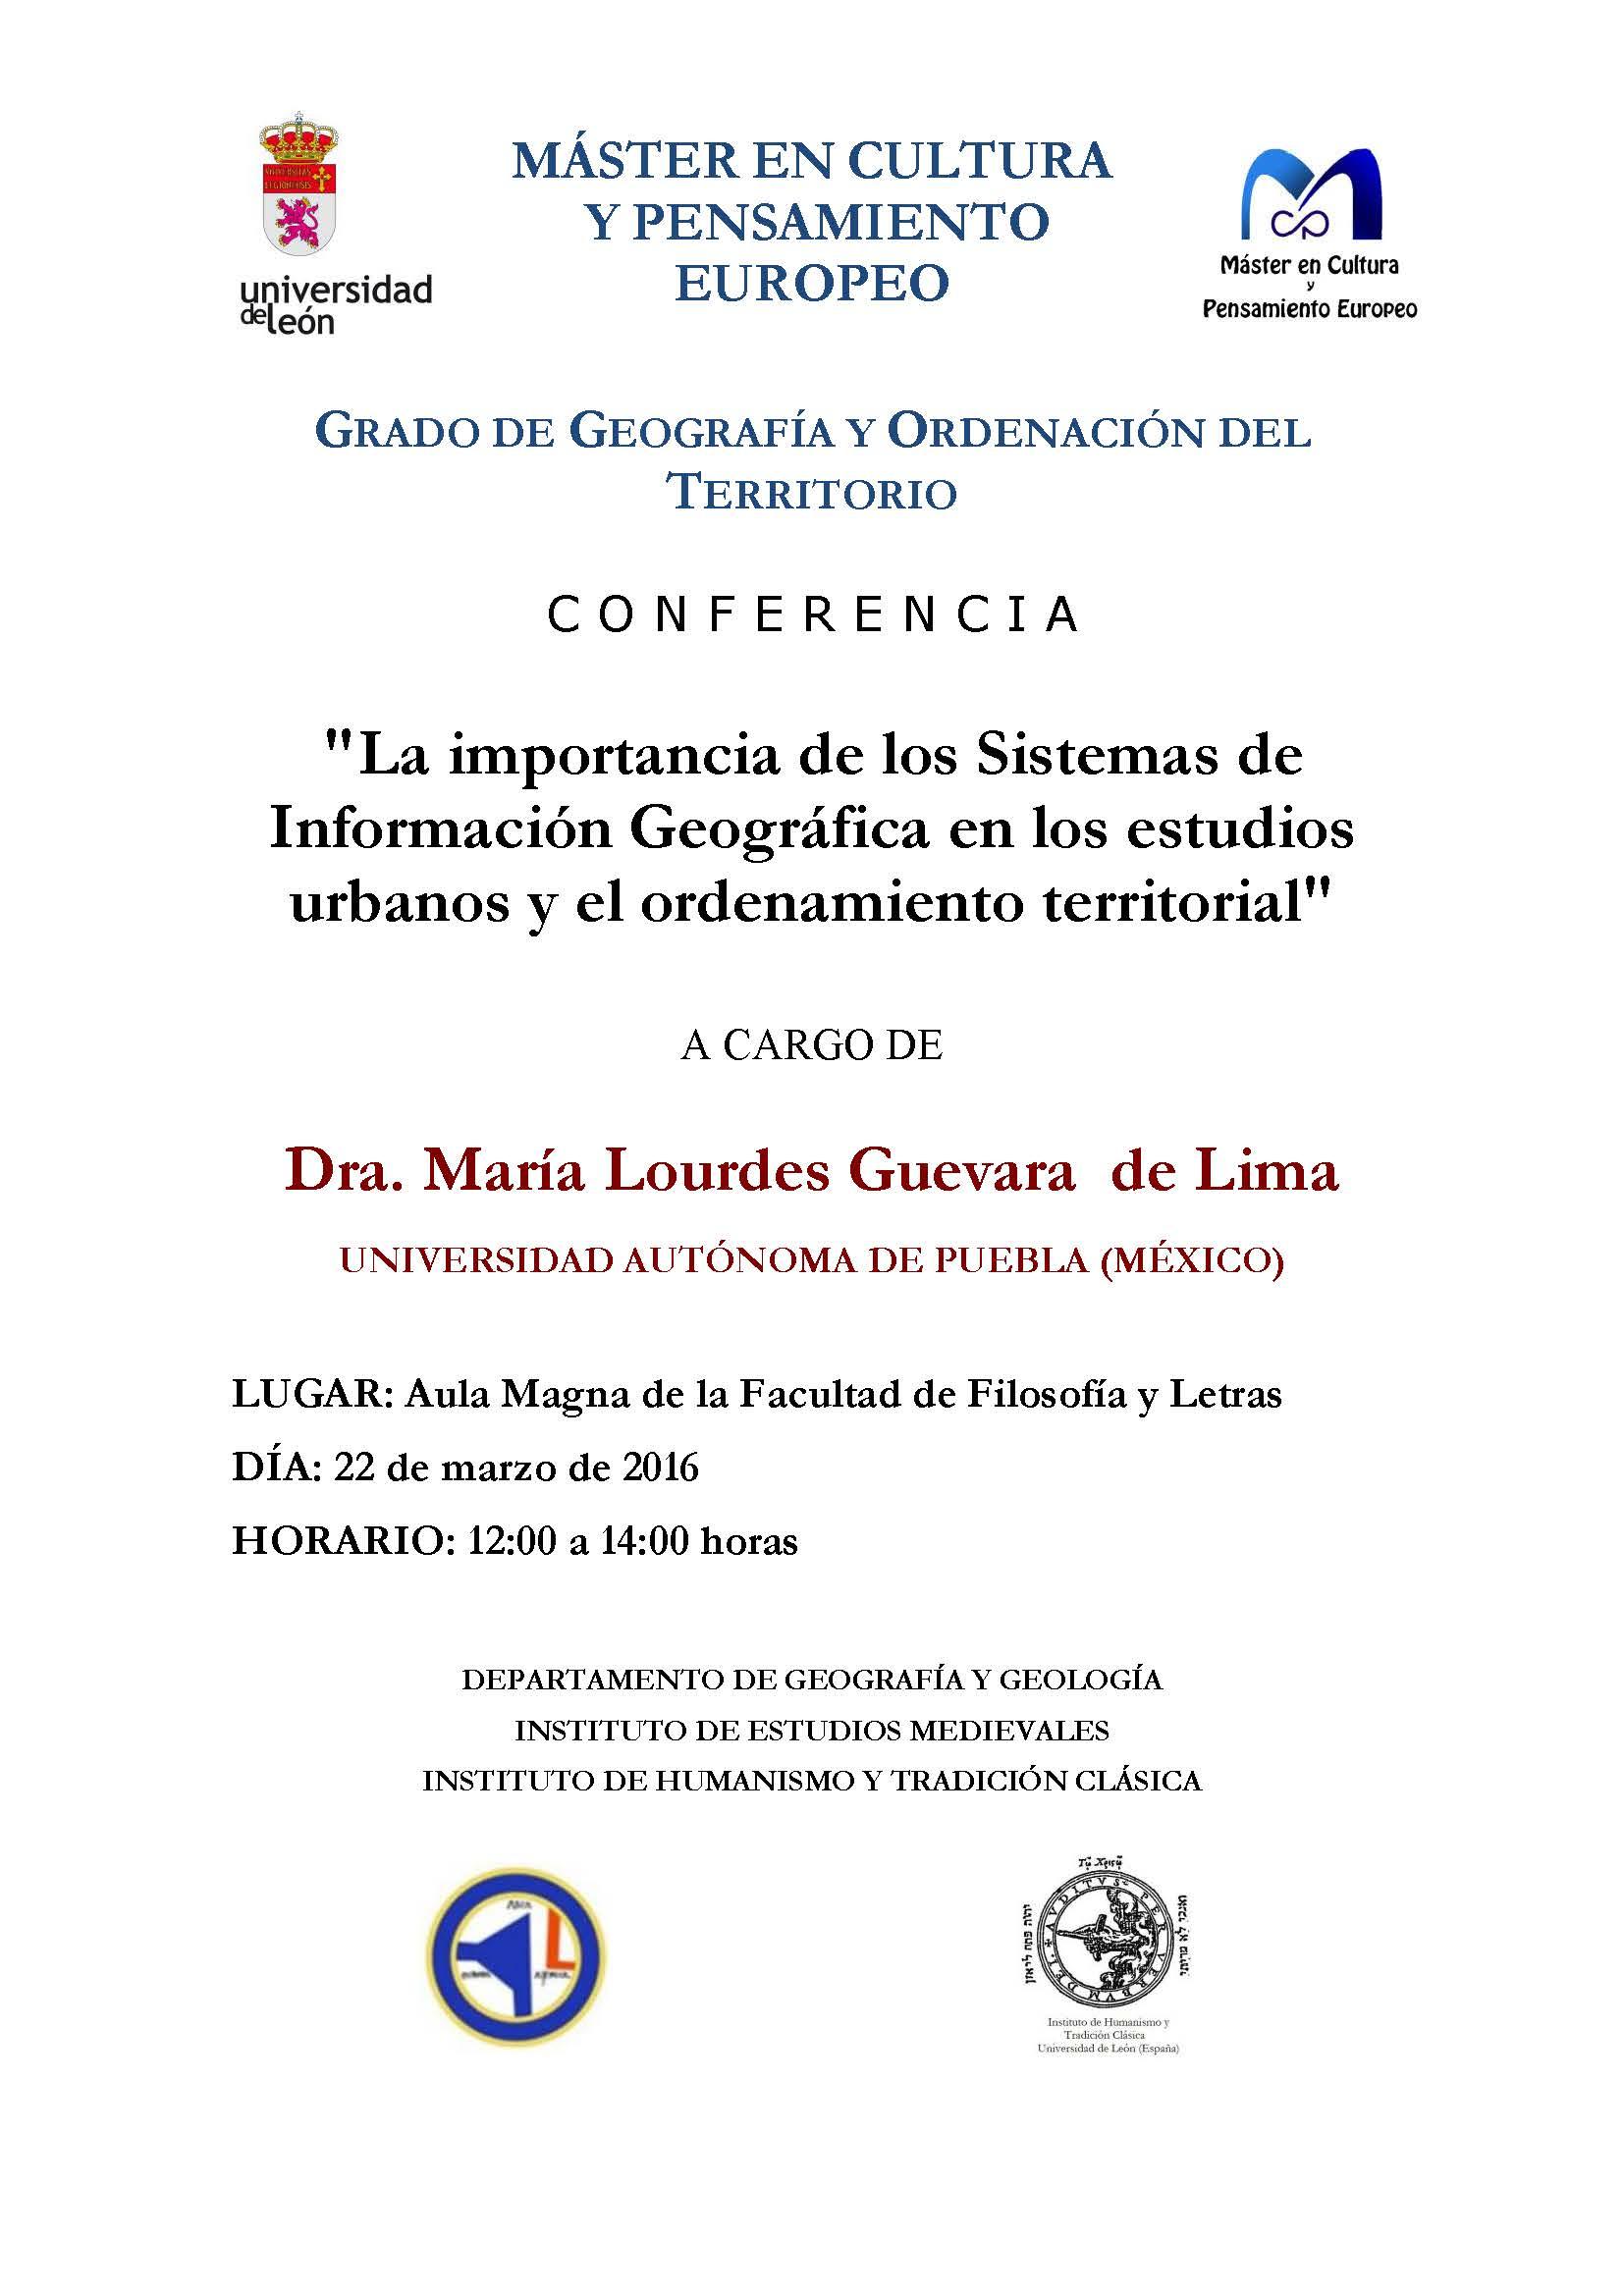 Cartelconferencia_LourdesGuevara_Página_1